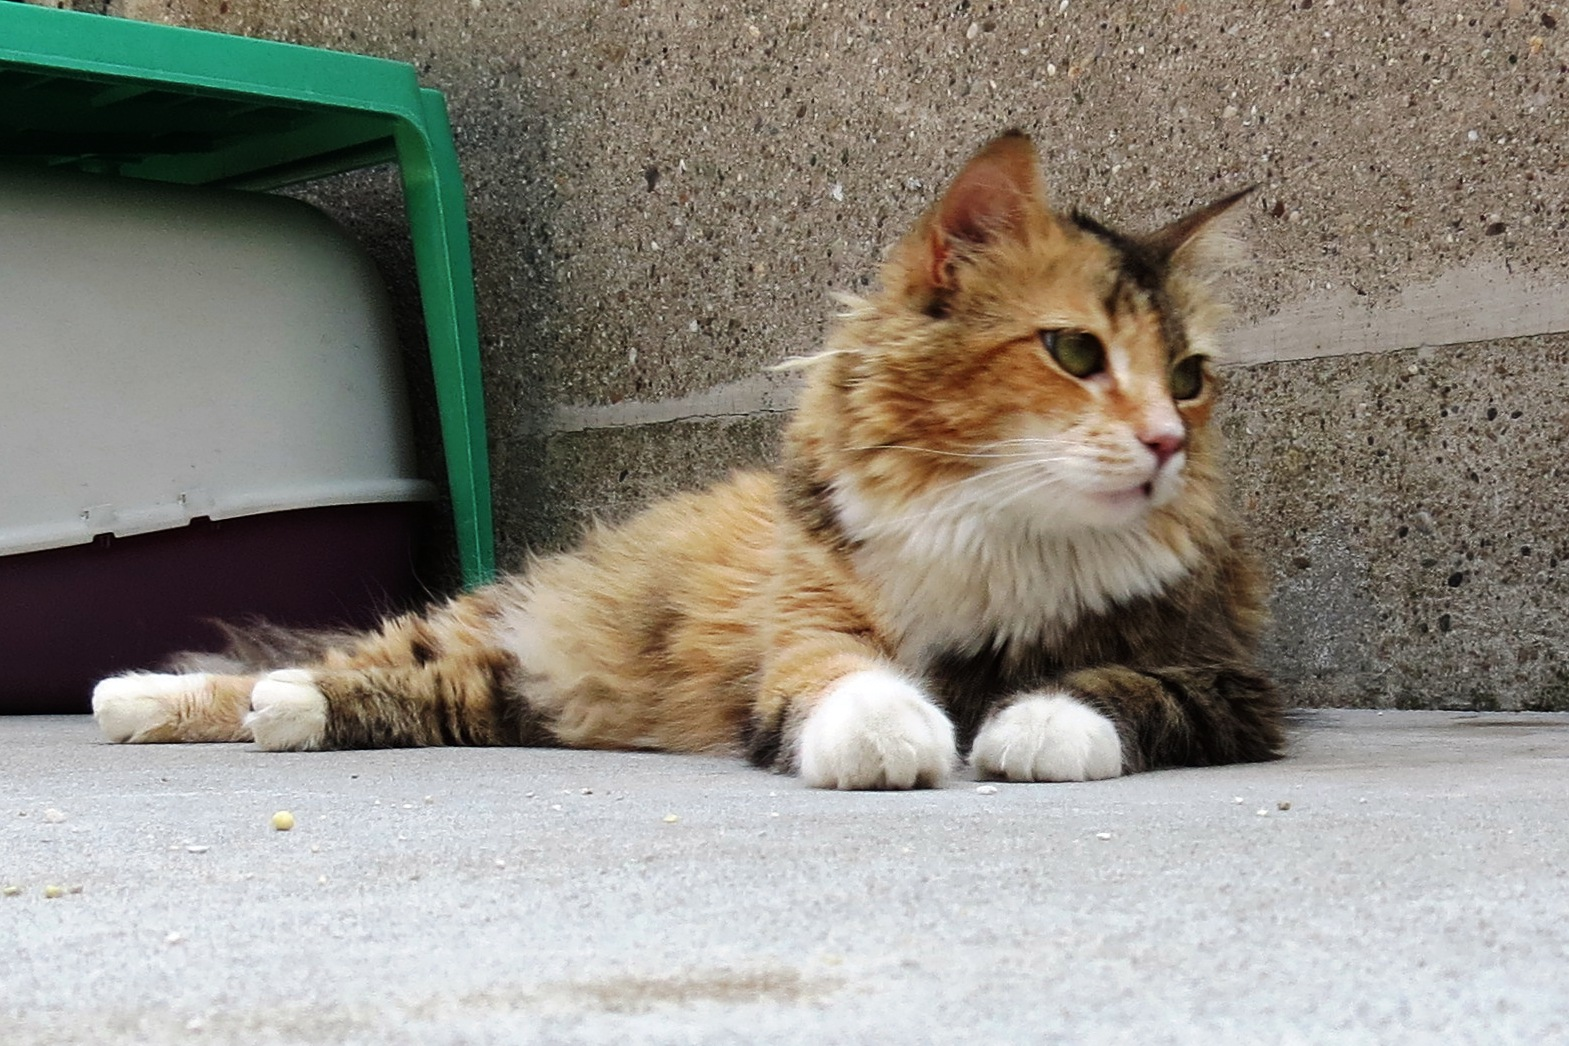 I Benefici Della Relazione Tra Gatti E Umani Nuovo Progetto Al